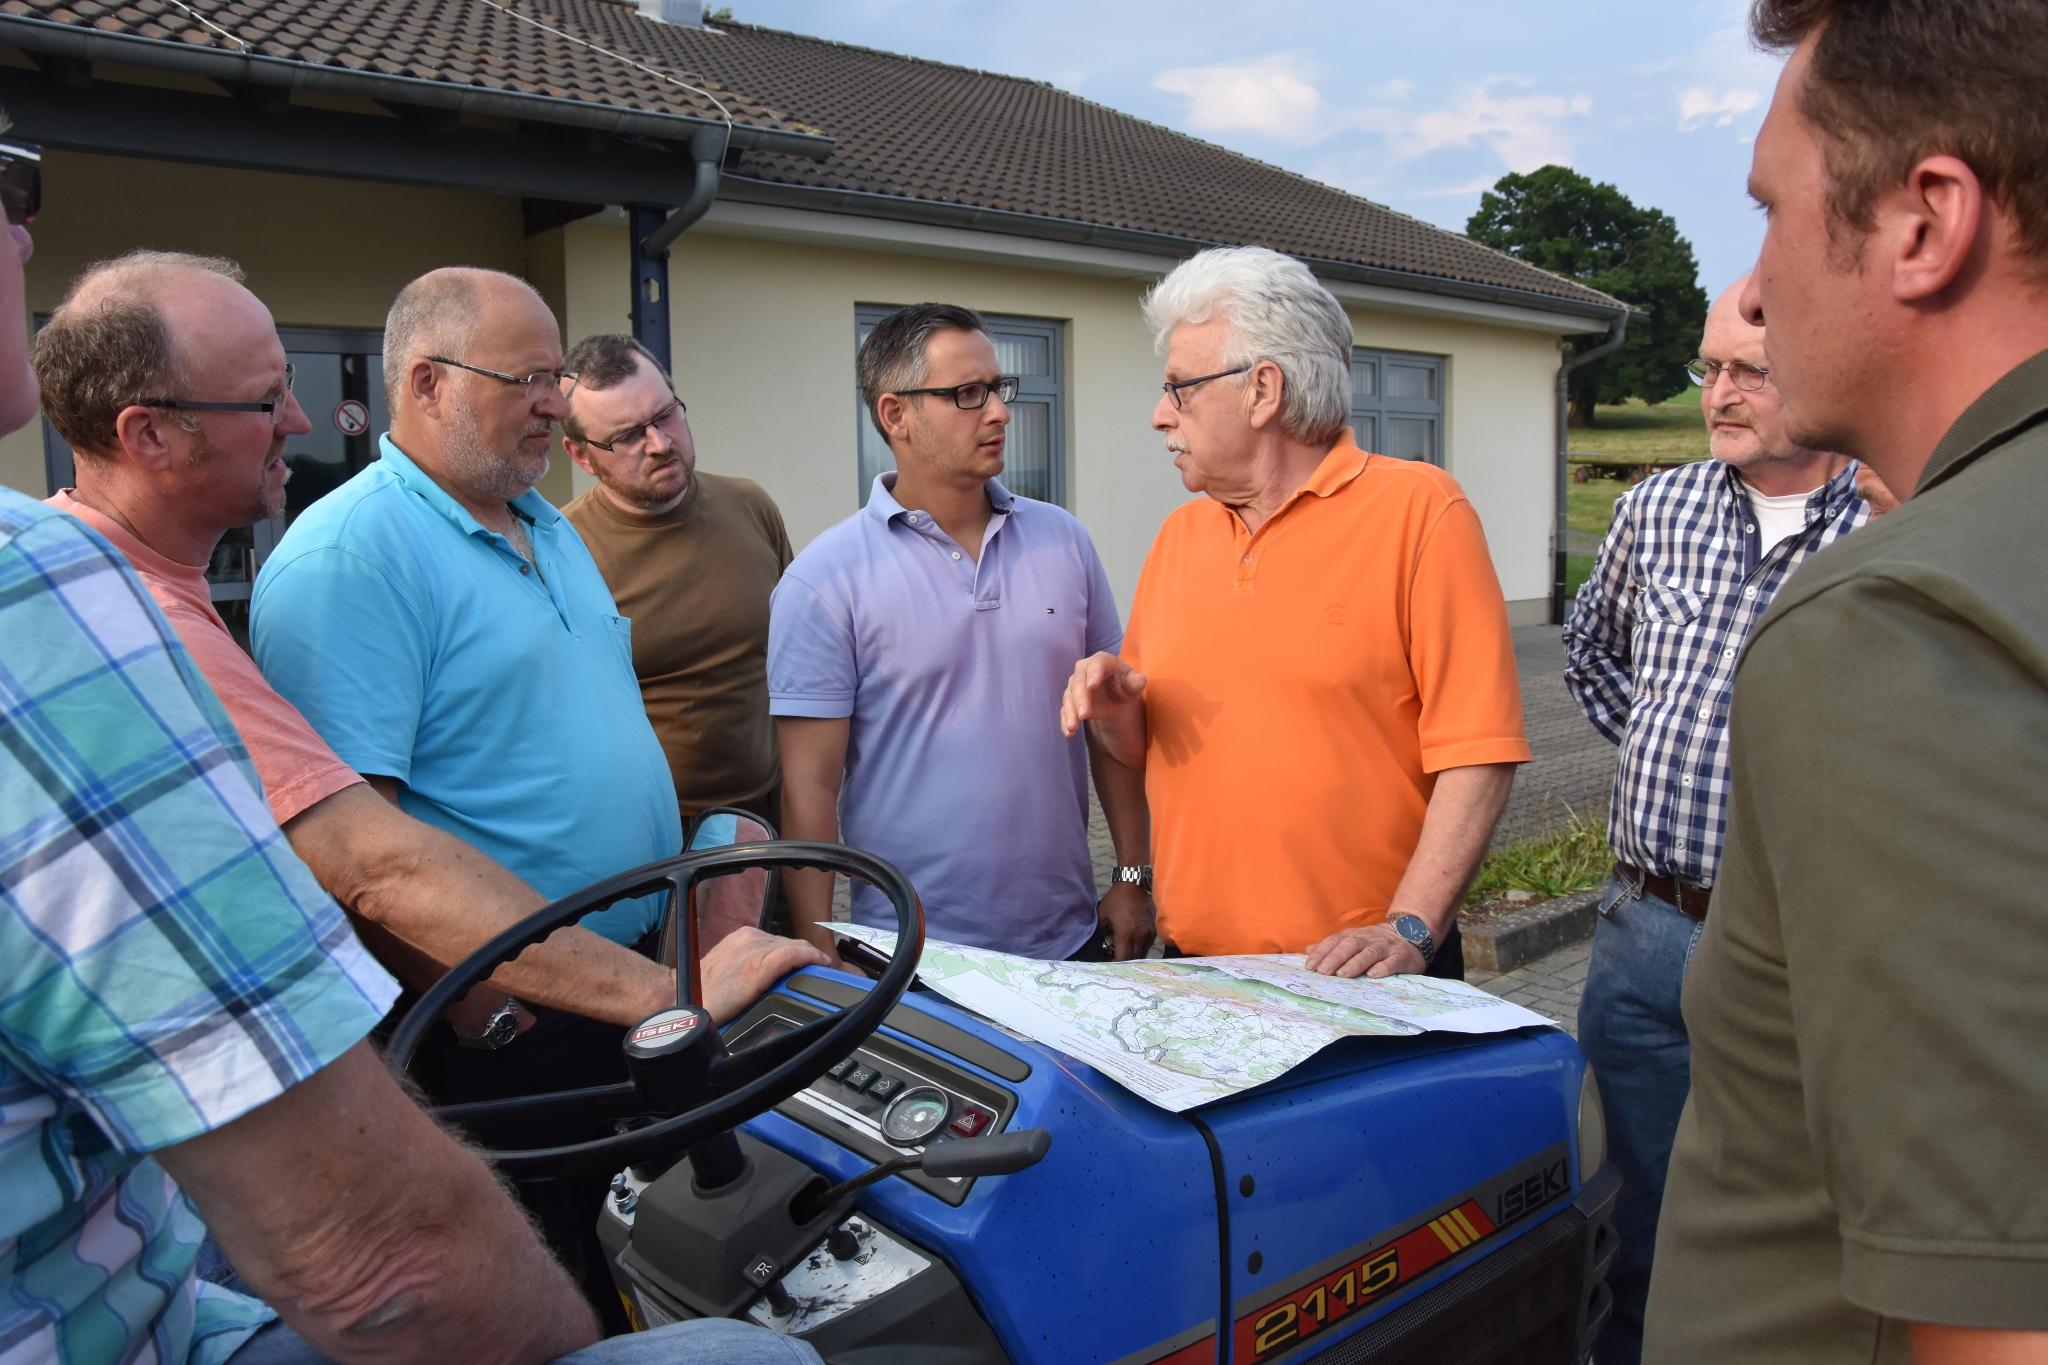 Bildunterschrift: Bei einem Ortstermin in Breitenbach informierten sich Vertreter der FDP Schlüchtern und des FDP Kreisverbandes bei Ortsvorsteher, dem Vorsitzenden der Jagdgenossenschaft sowie dem Jagdpächter.